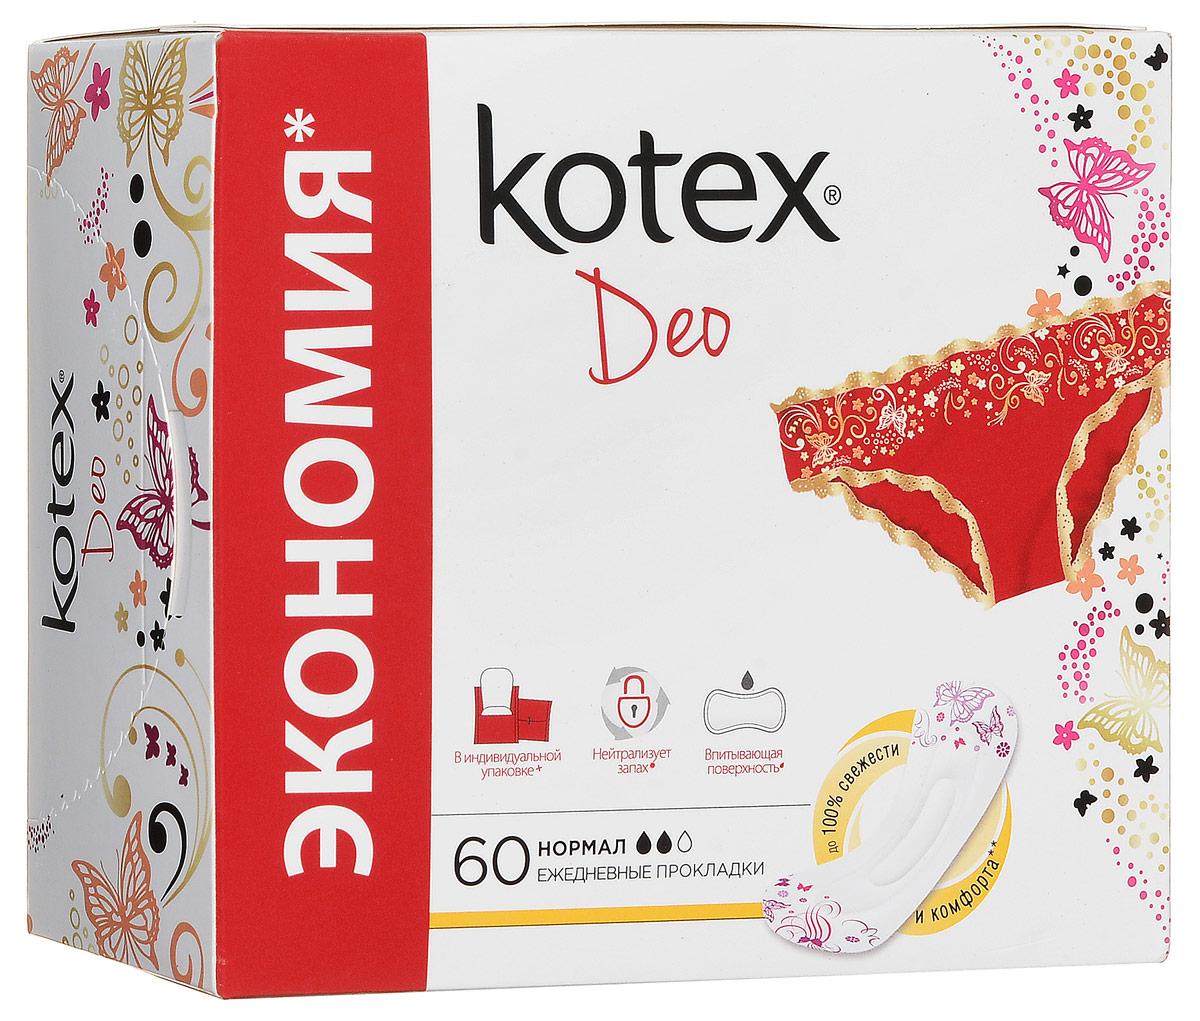 Kotex Ежедневные прокладки Normal Deo, 60 шт5029053542751